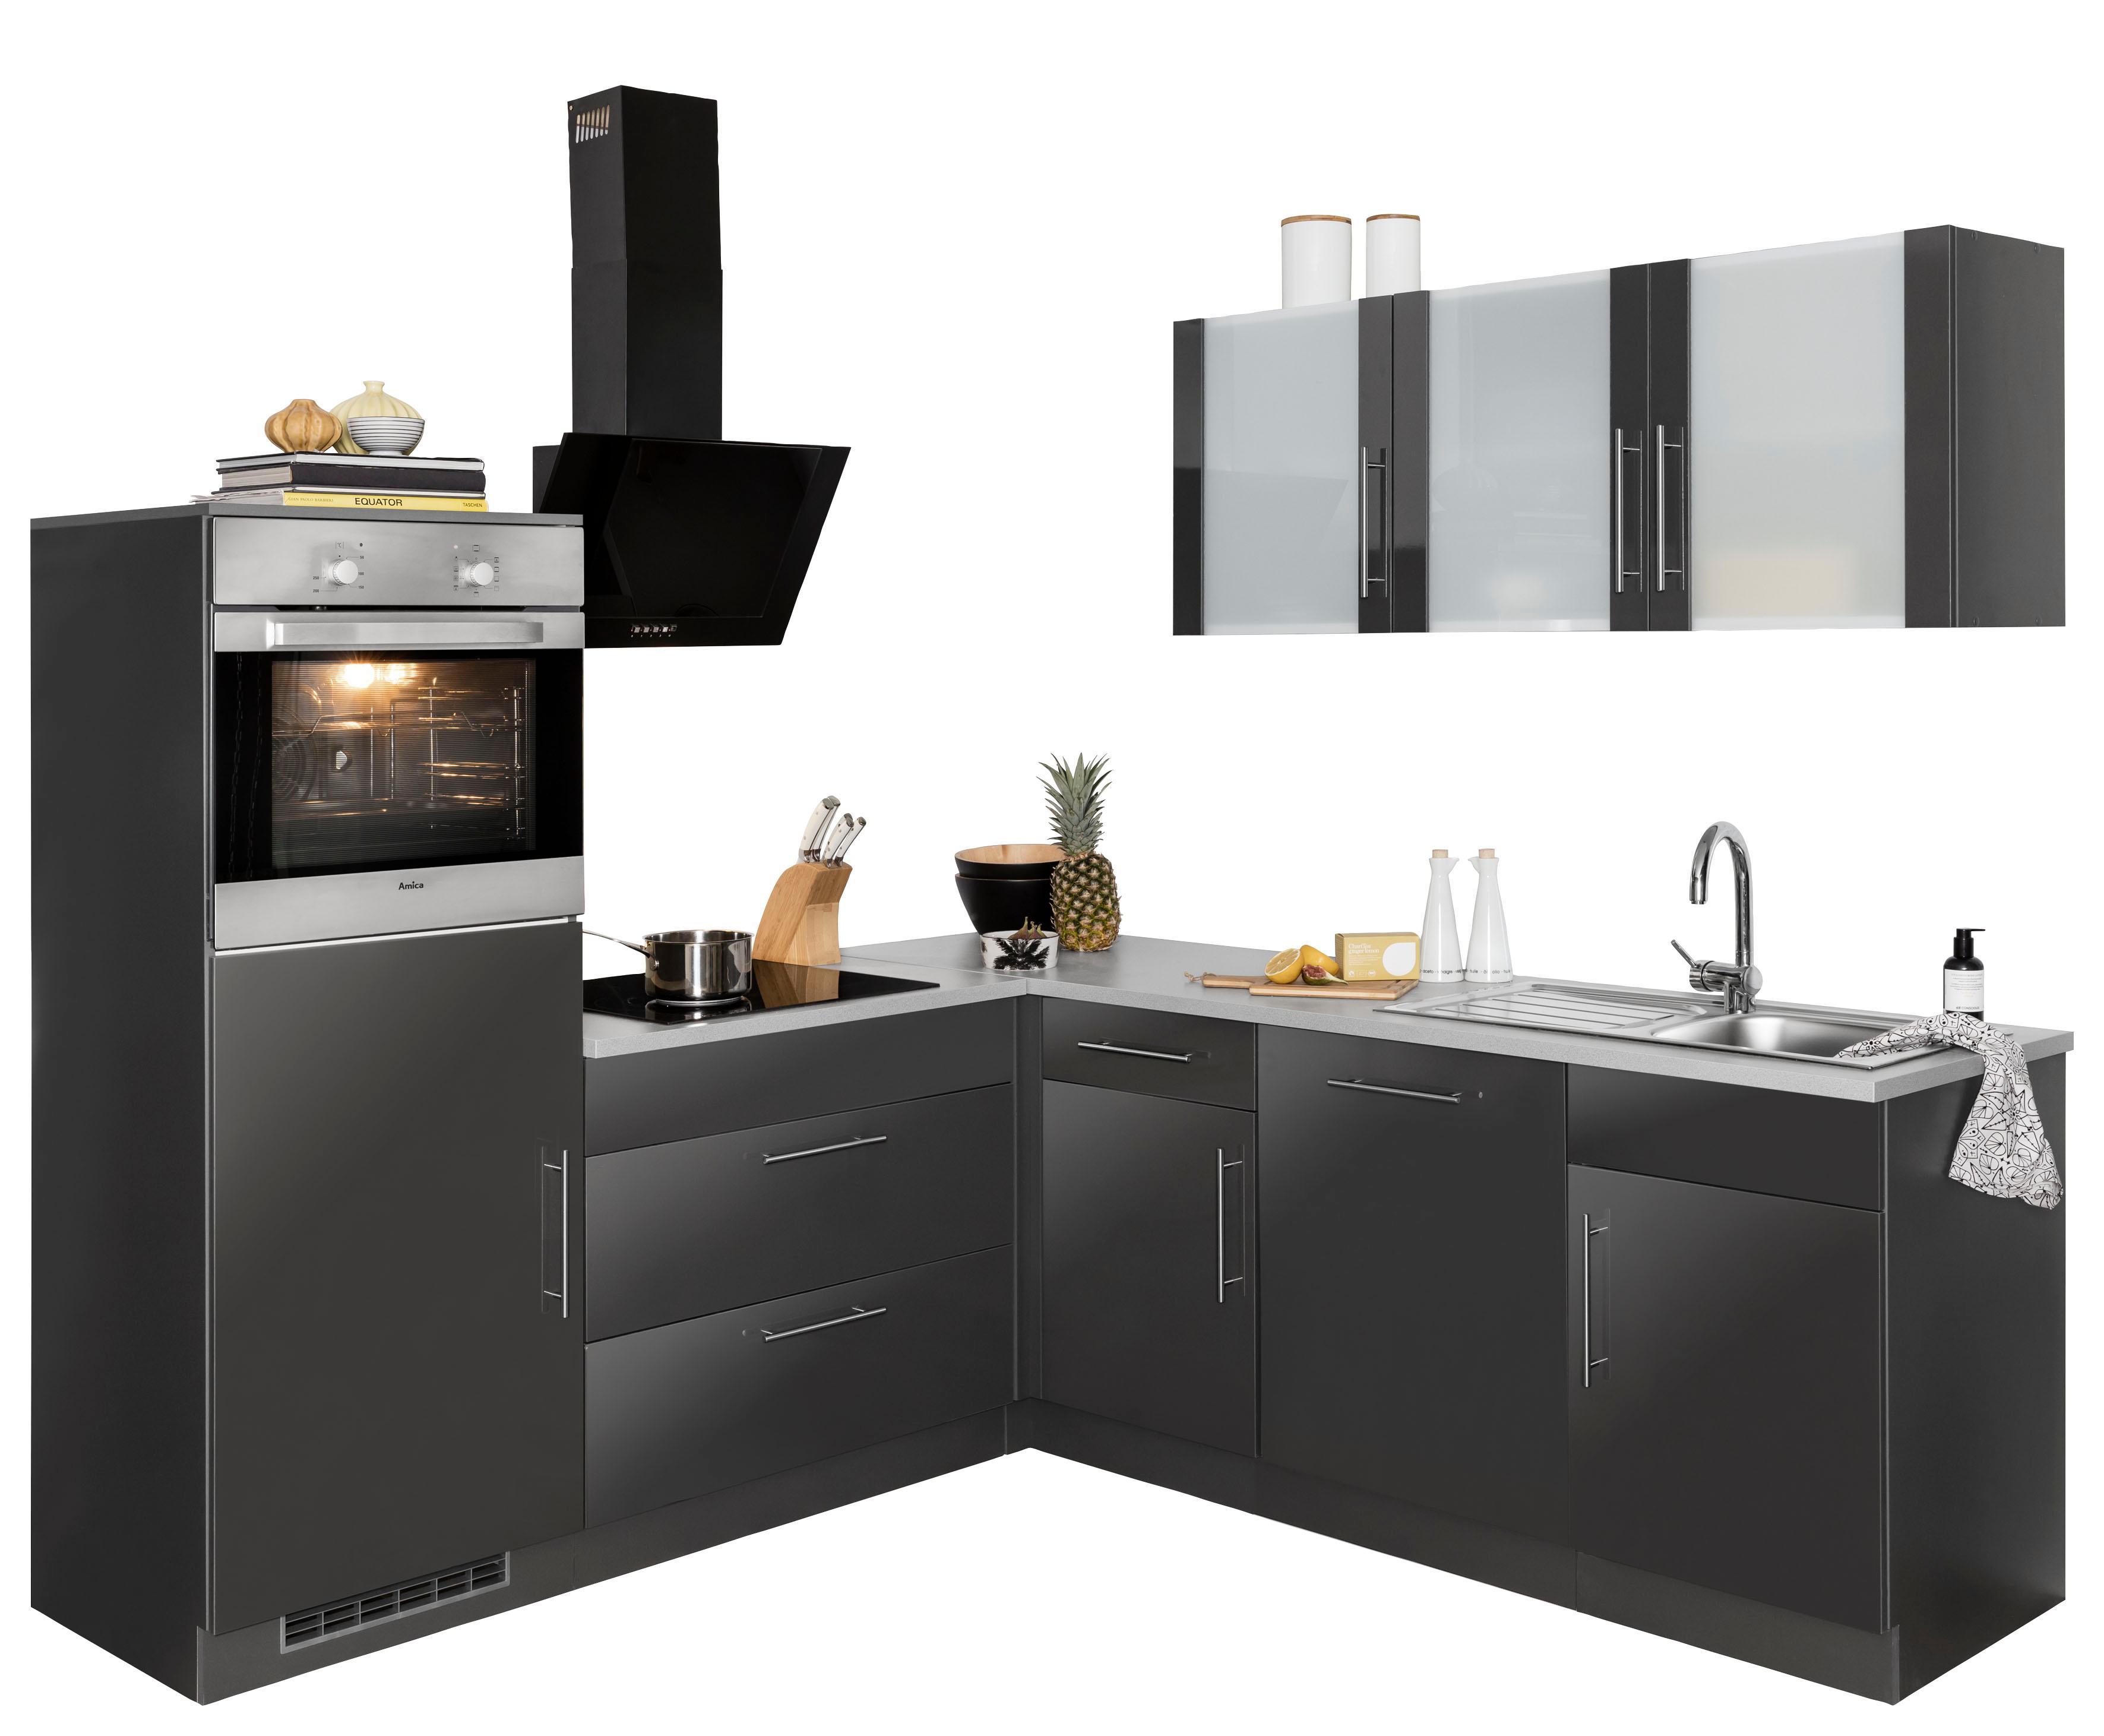 wiho k chen winkelk che cali auf rechnung kaufen baur. Black Bedroom Furniture Sets. Home Design Ideas